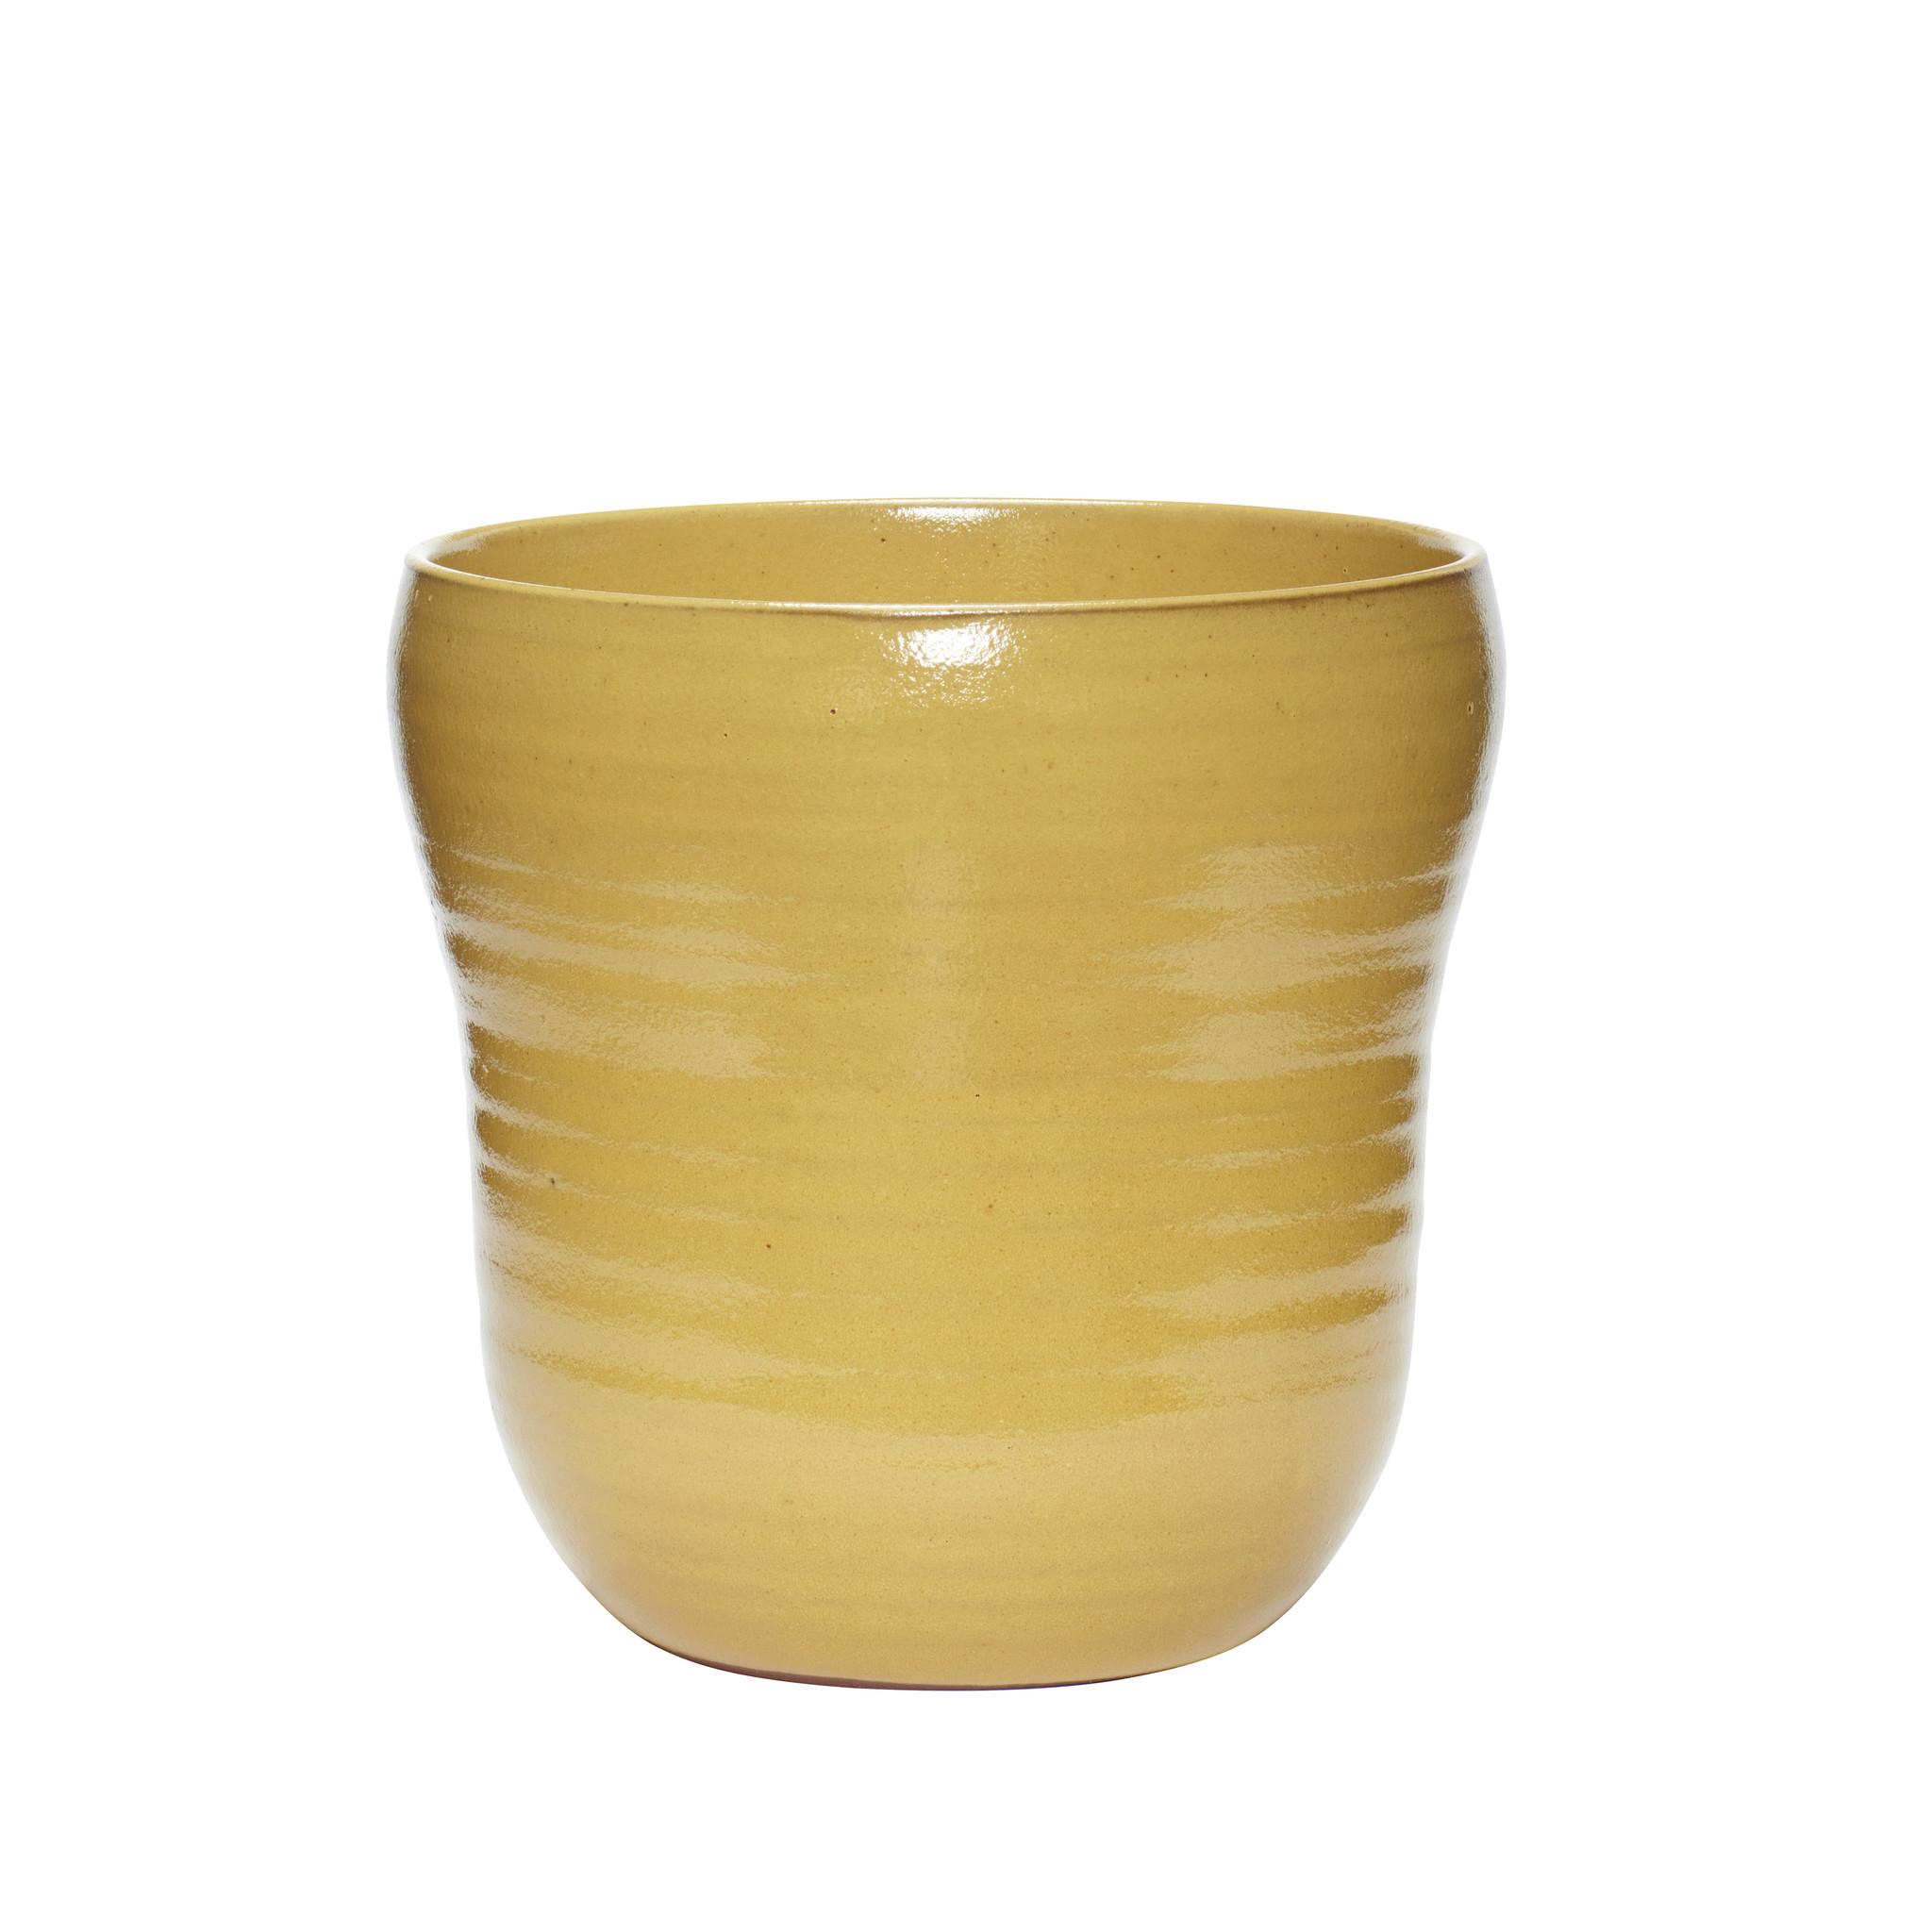 Hubsch Bloempot, keramiek, geel, set van 2-671304-